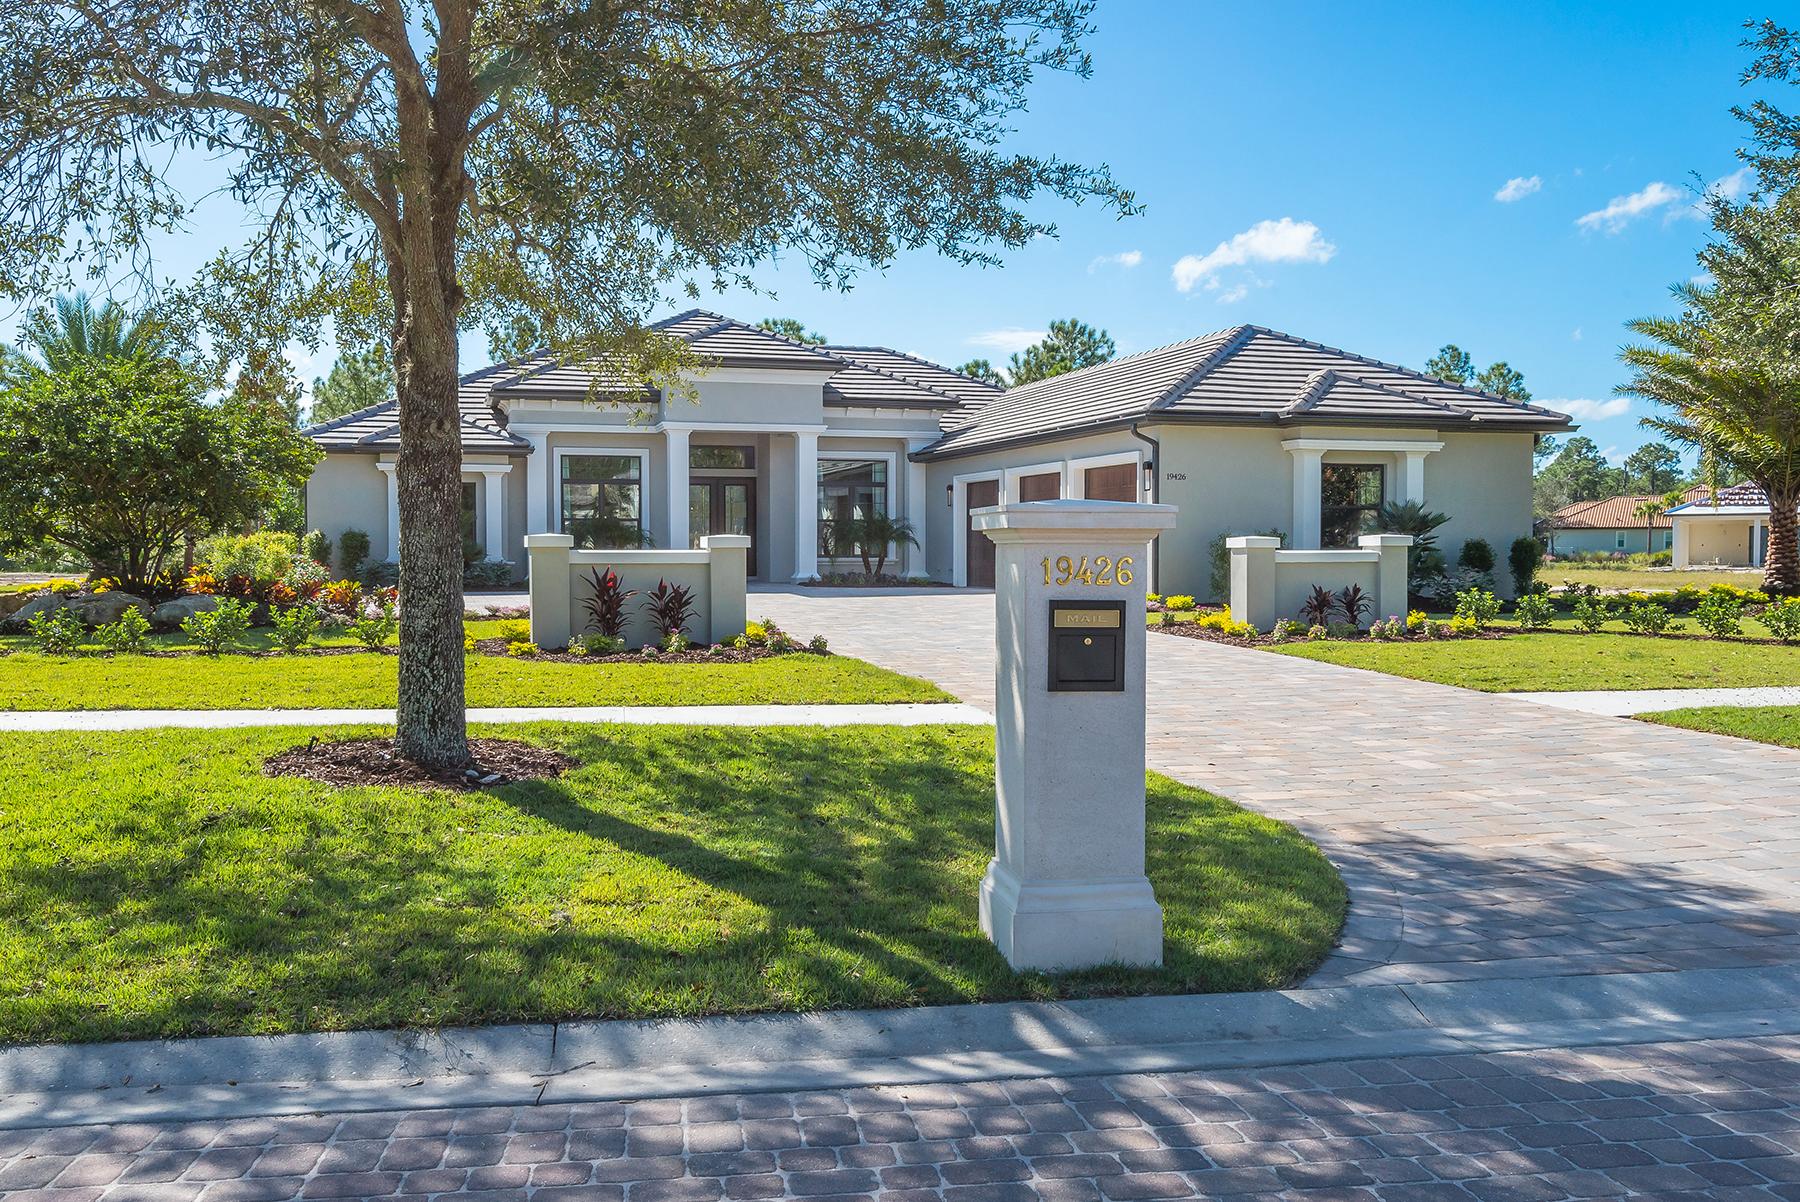 Casa Unifamiliar por un Venta en 19426 Beacon Park Pl , Bradenton, FL 34202 19426 Beacon Park Pl Bradenton, Florida, 34202 Estados Unidos